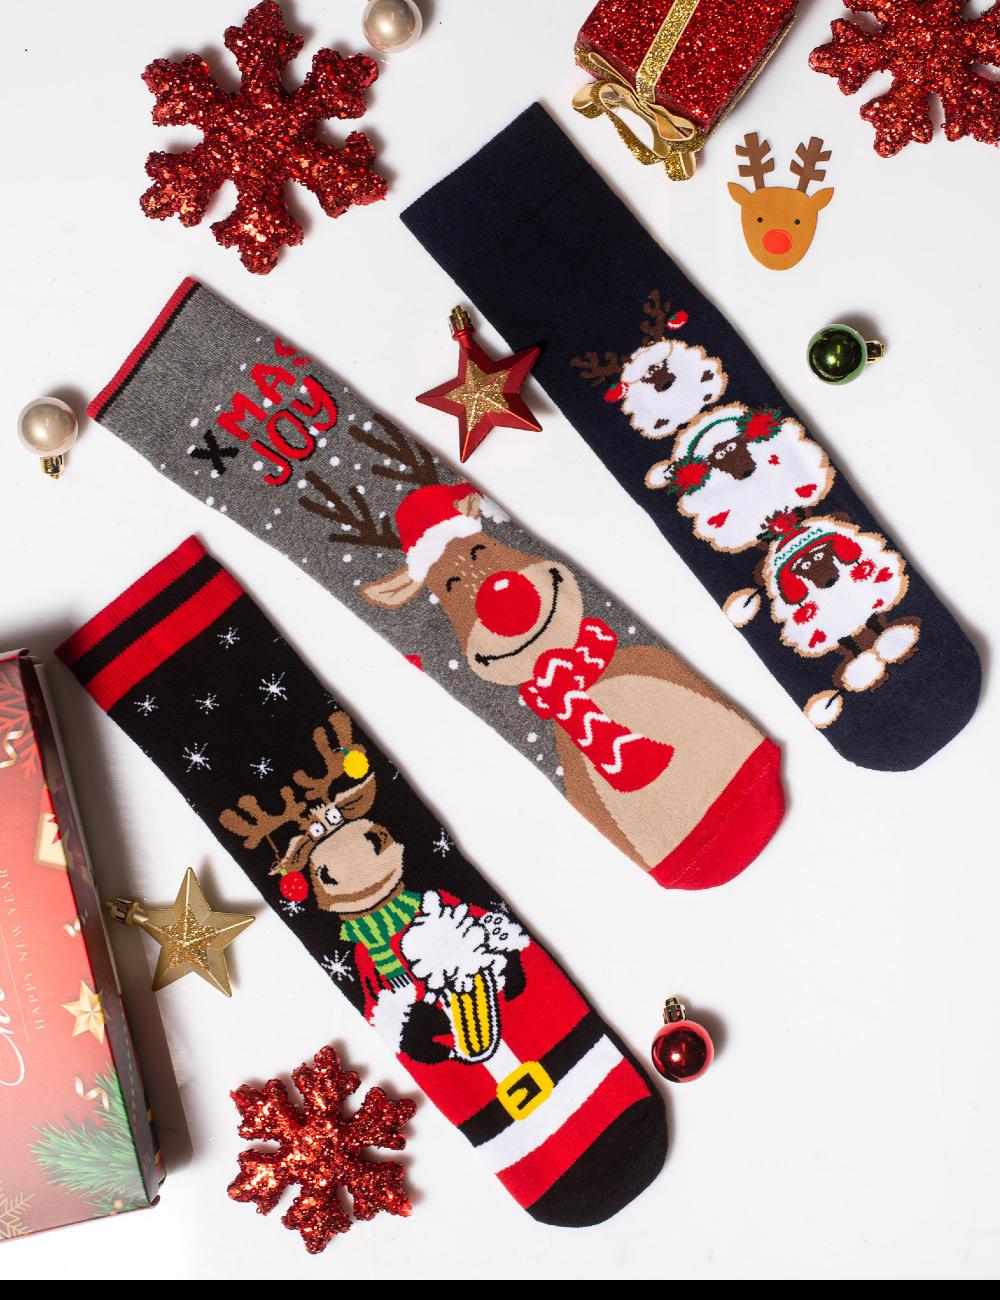 Κάλτσες Χριστουγεννιάτικες Christmas Joy Vtexsocks Σετ 3 τμχ